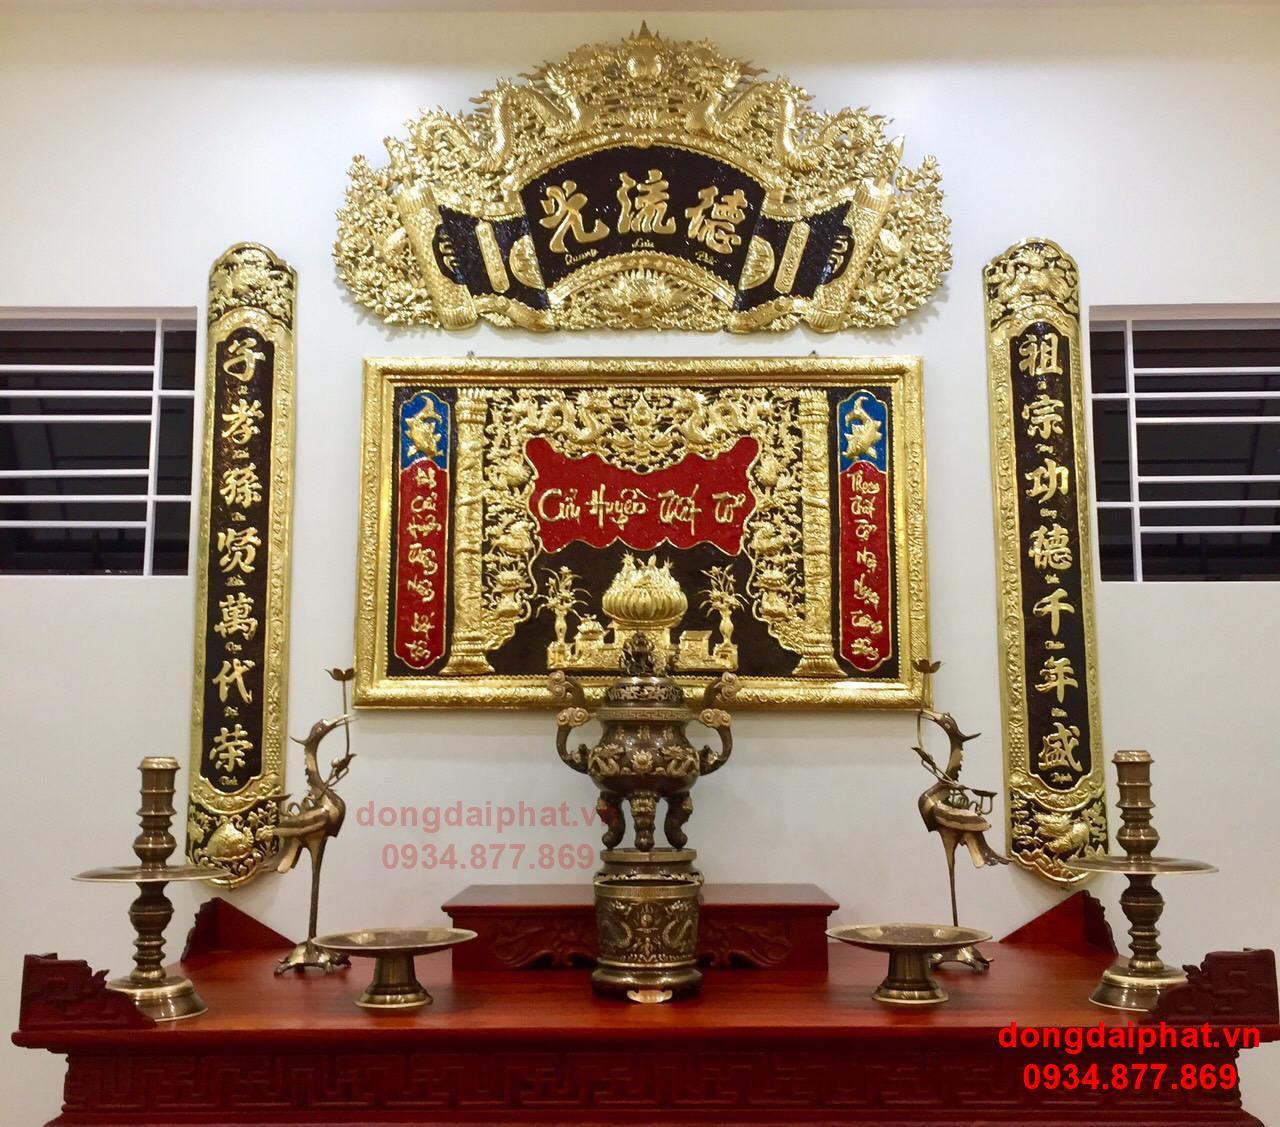 Mẫu hoành phi câu đối bằng đồng hay dùng trong gia đình Việt